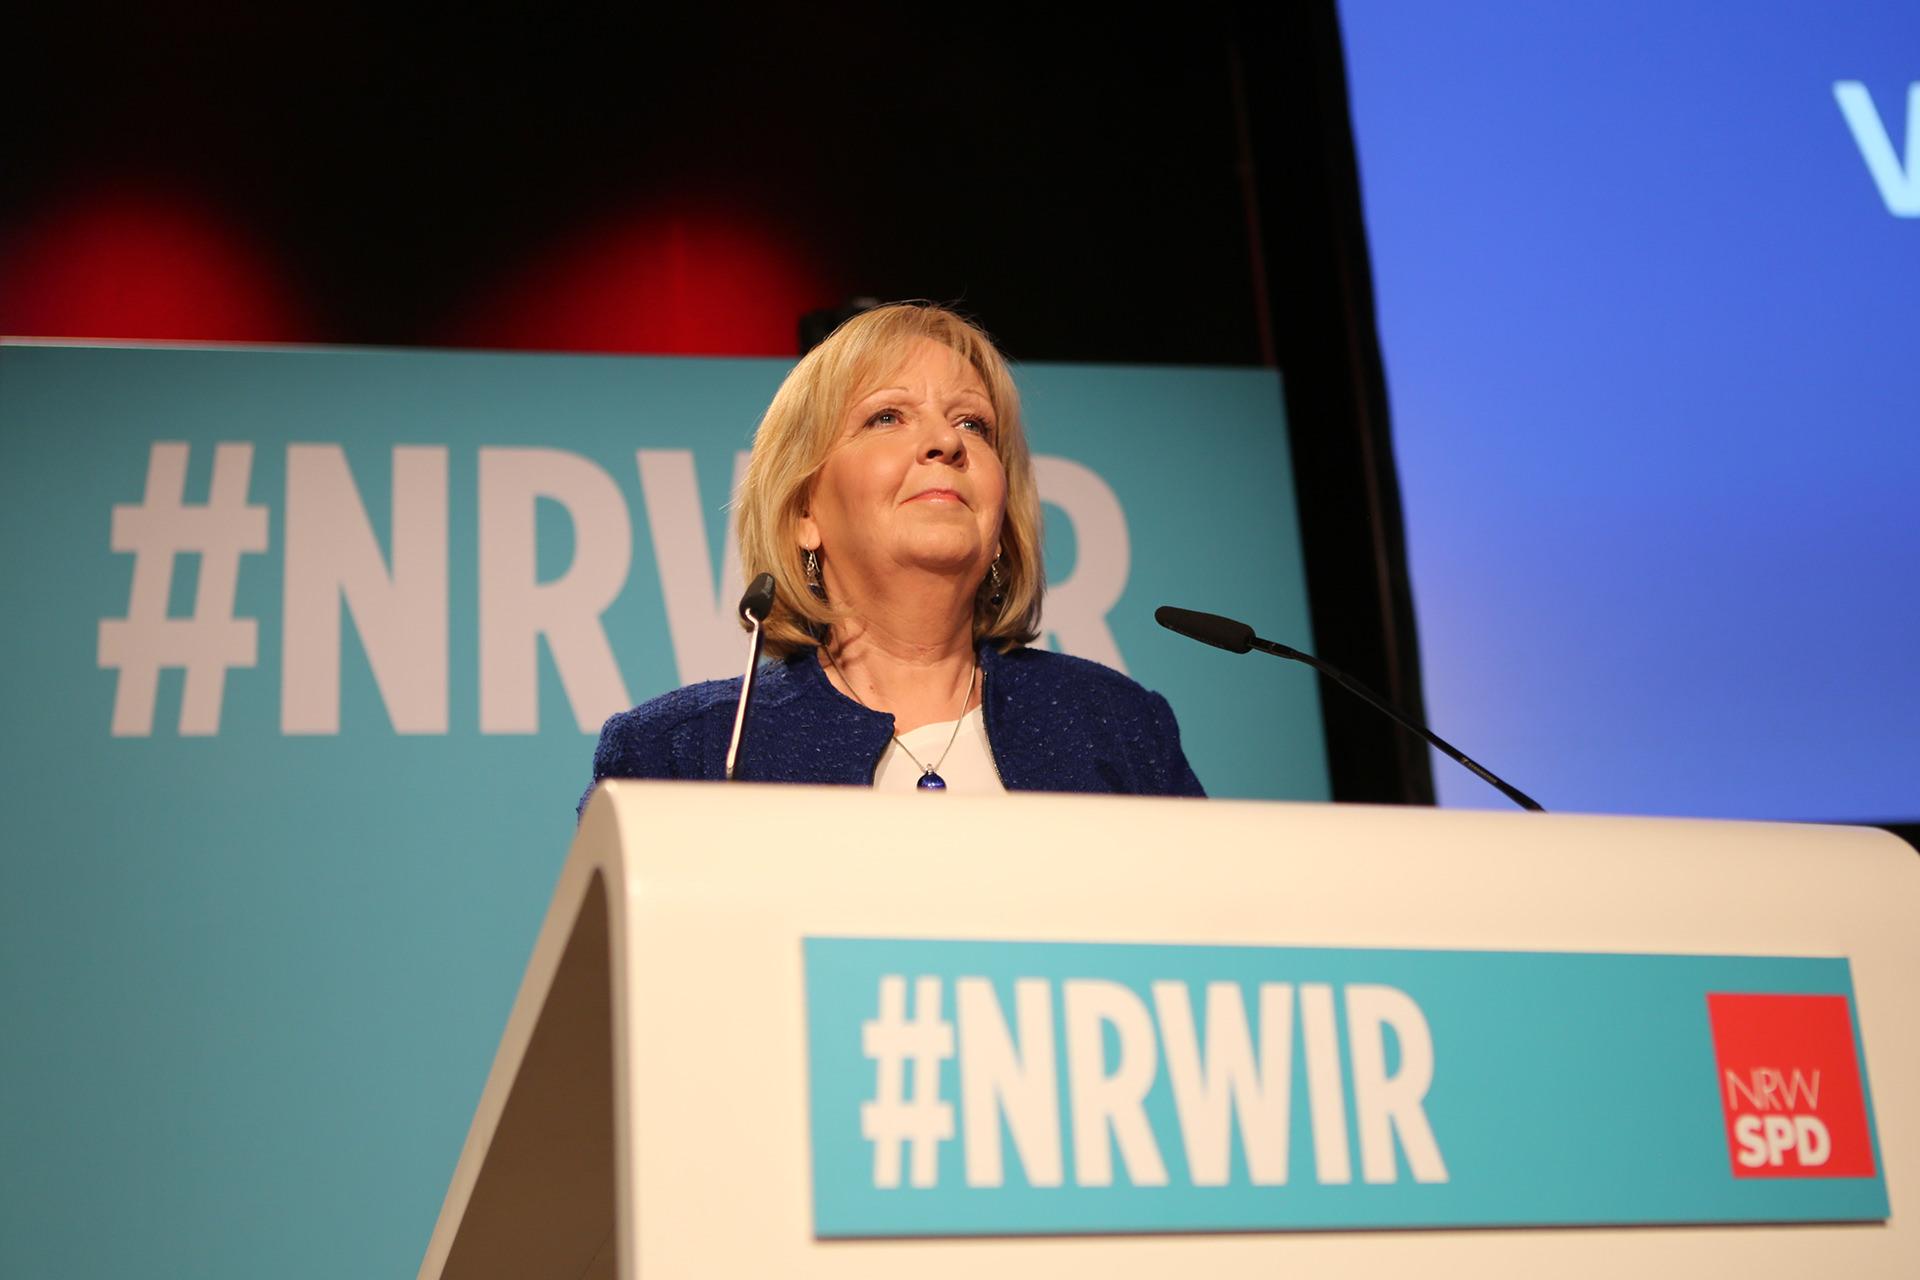 Hannelore Kraft bei einer Rede. Auf der Front des Pultes steht #NRWIR